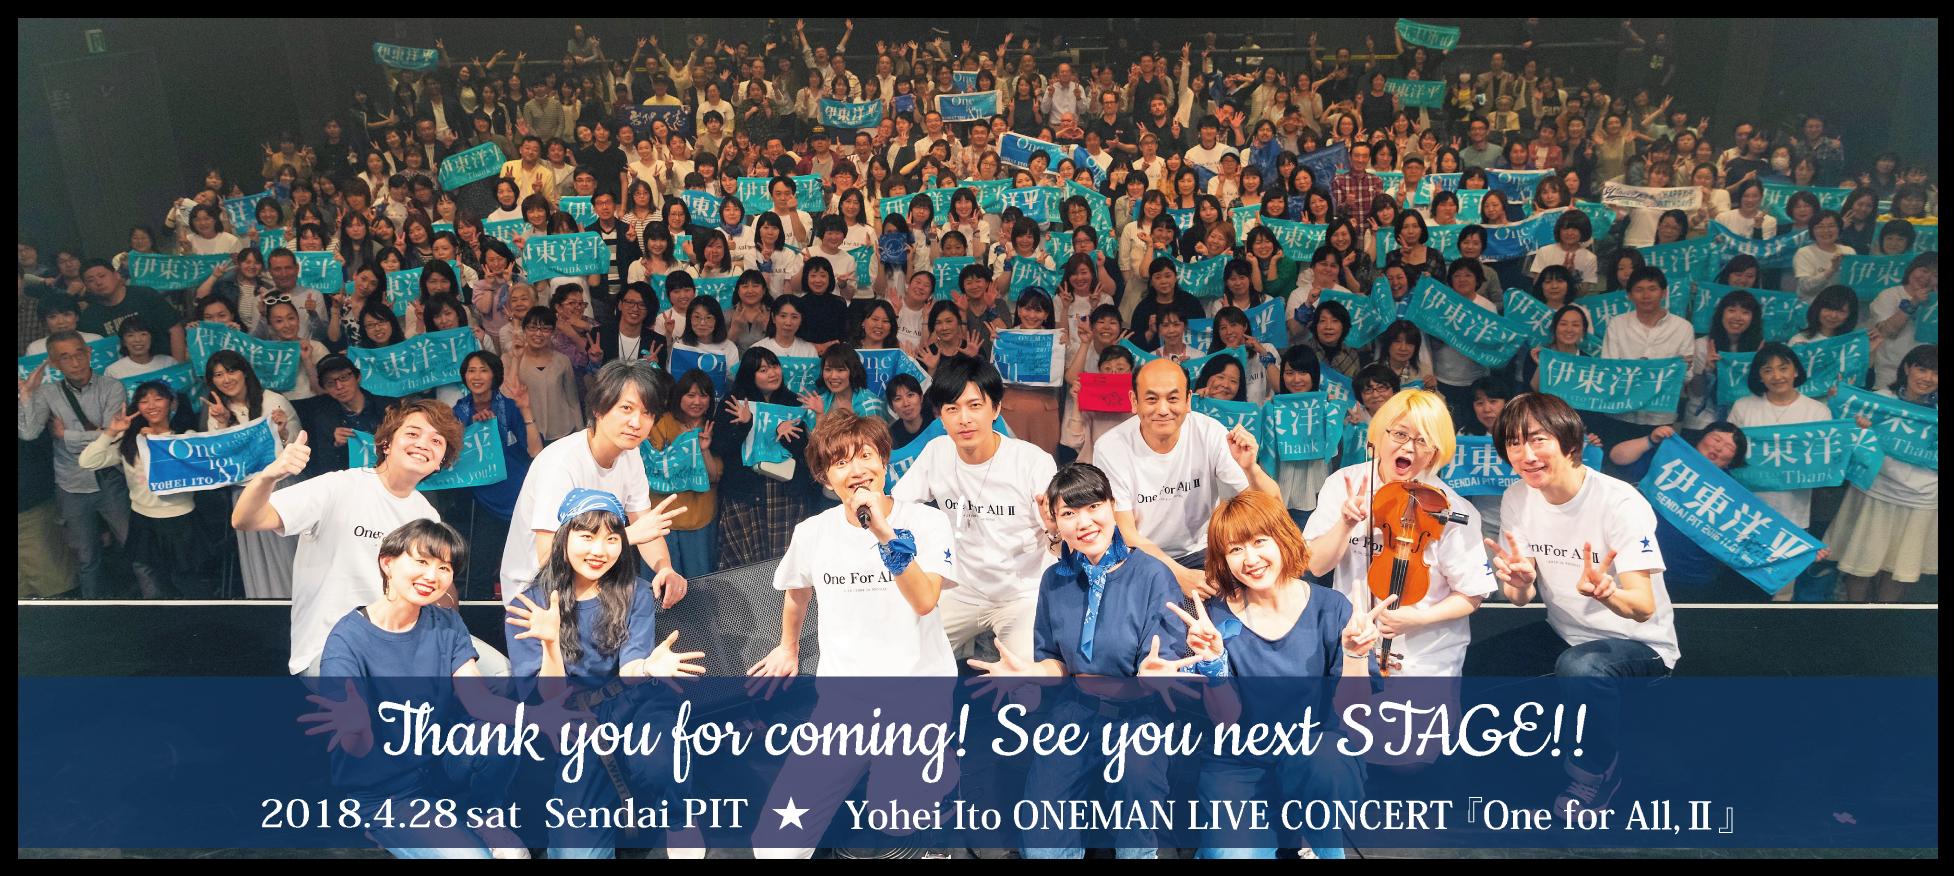 2017年5月Yohei ito Live Tour 「One for all,」開催